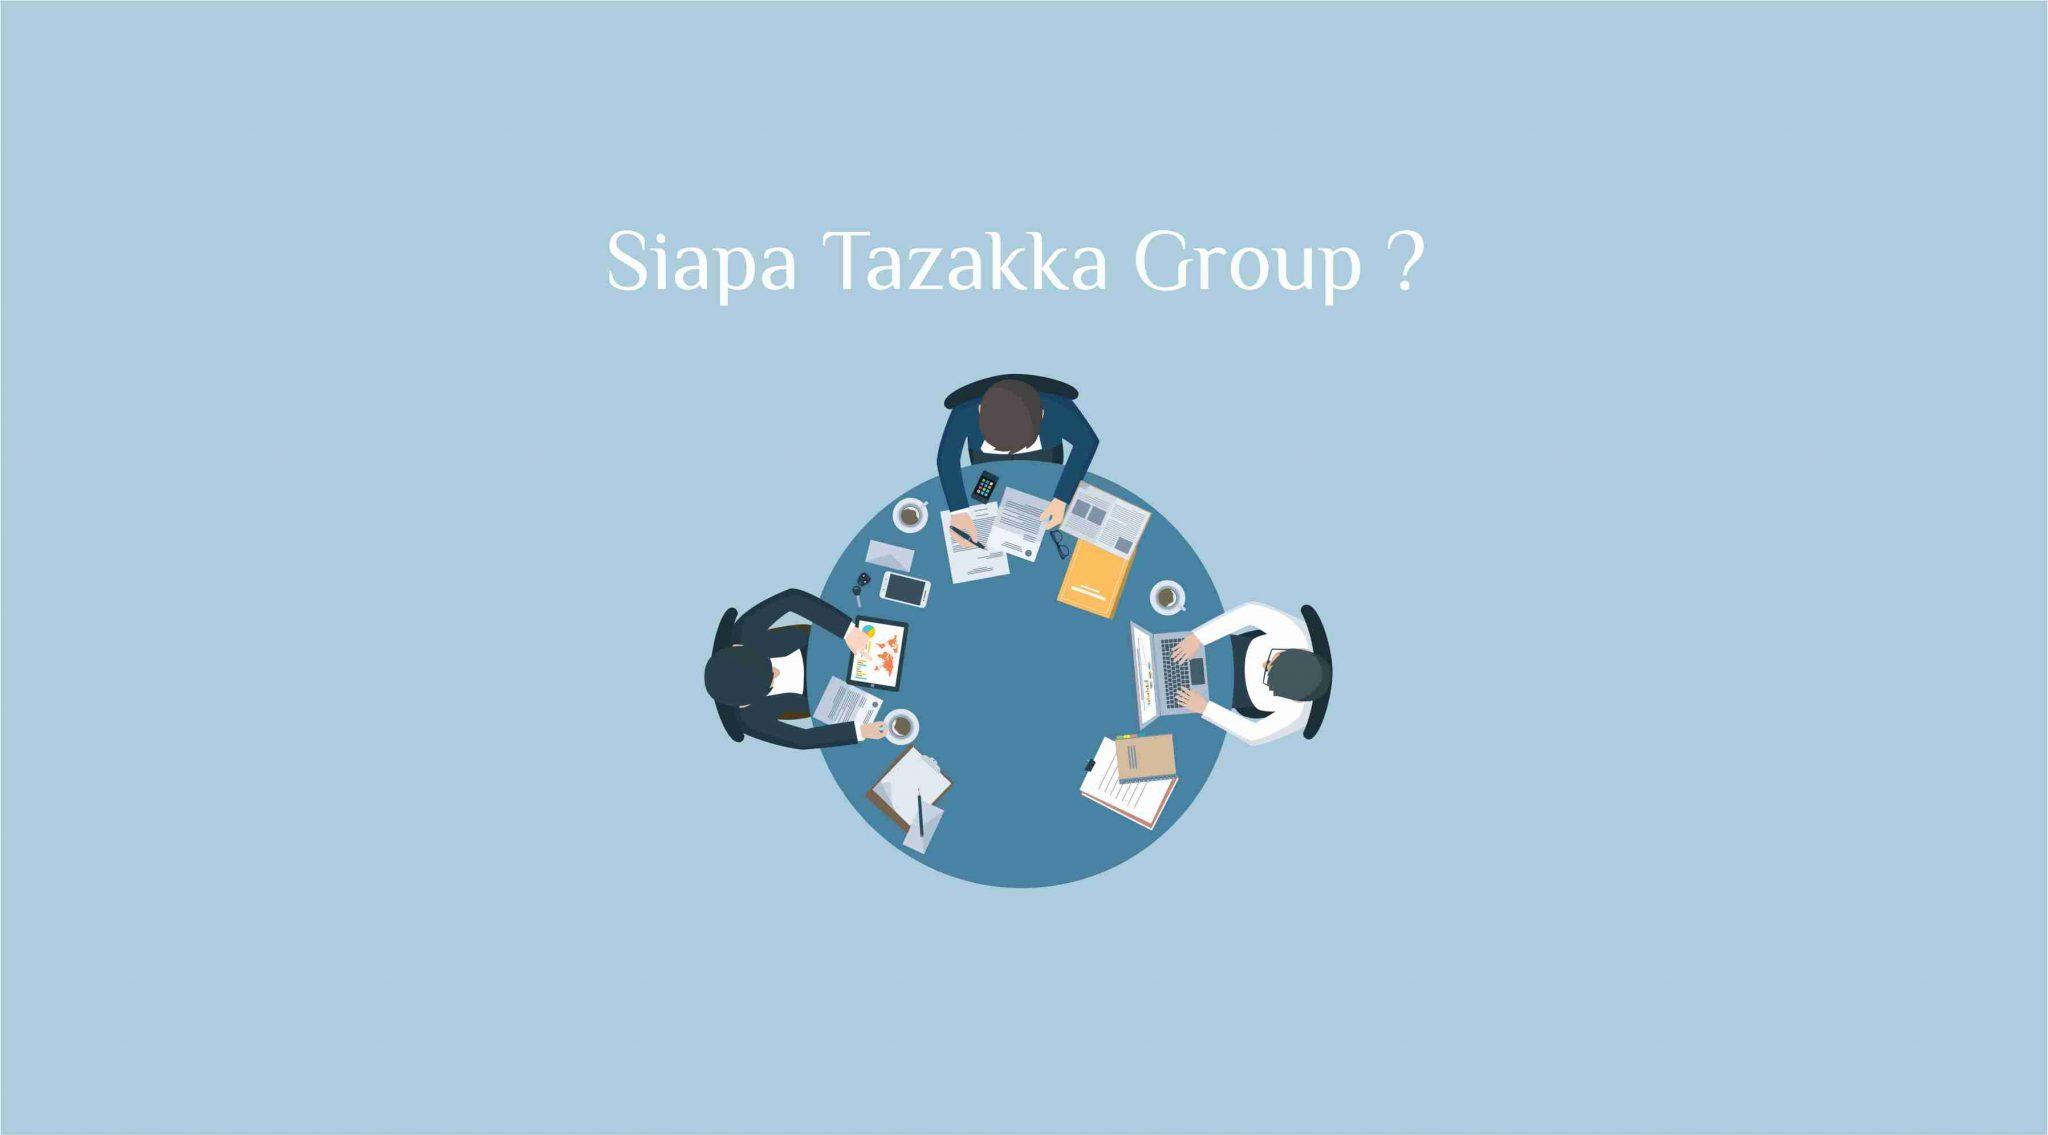 foto gambar profil perusahaan tentang herbal tazakka group, apa itu tazakka herbal ?